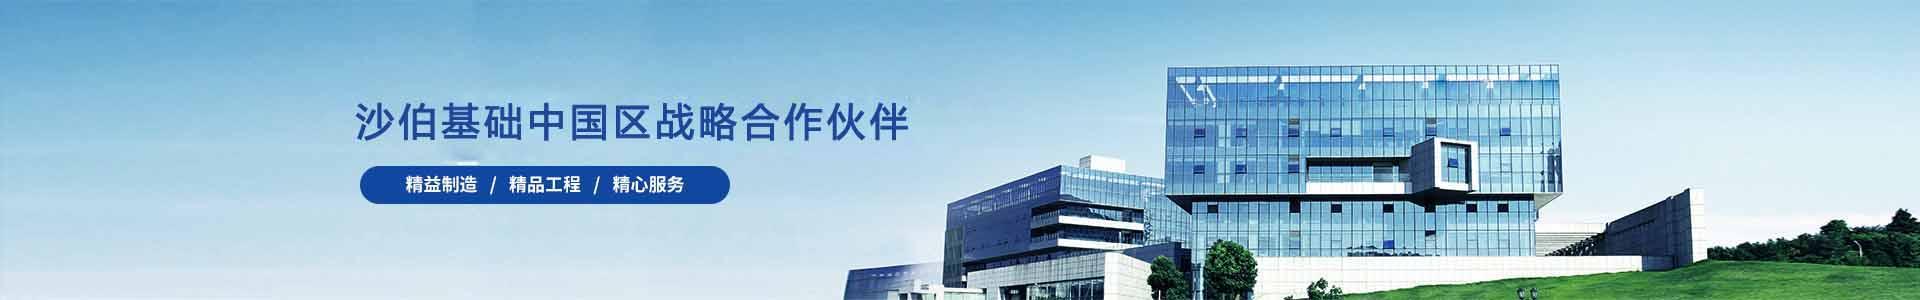 上海弓迈新材料科技有限公司